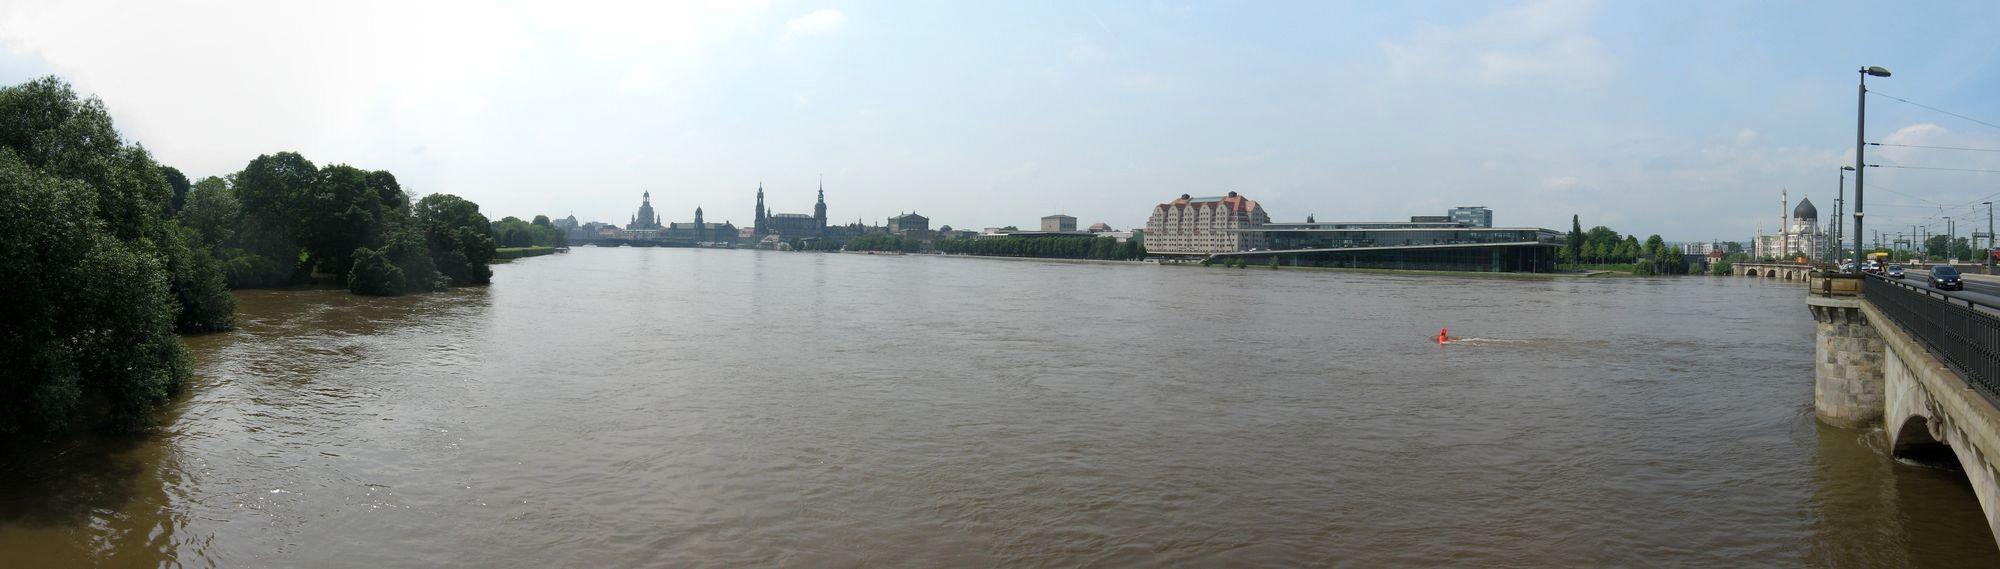 Elbehochwasser im Juni 2013